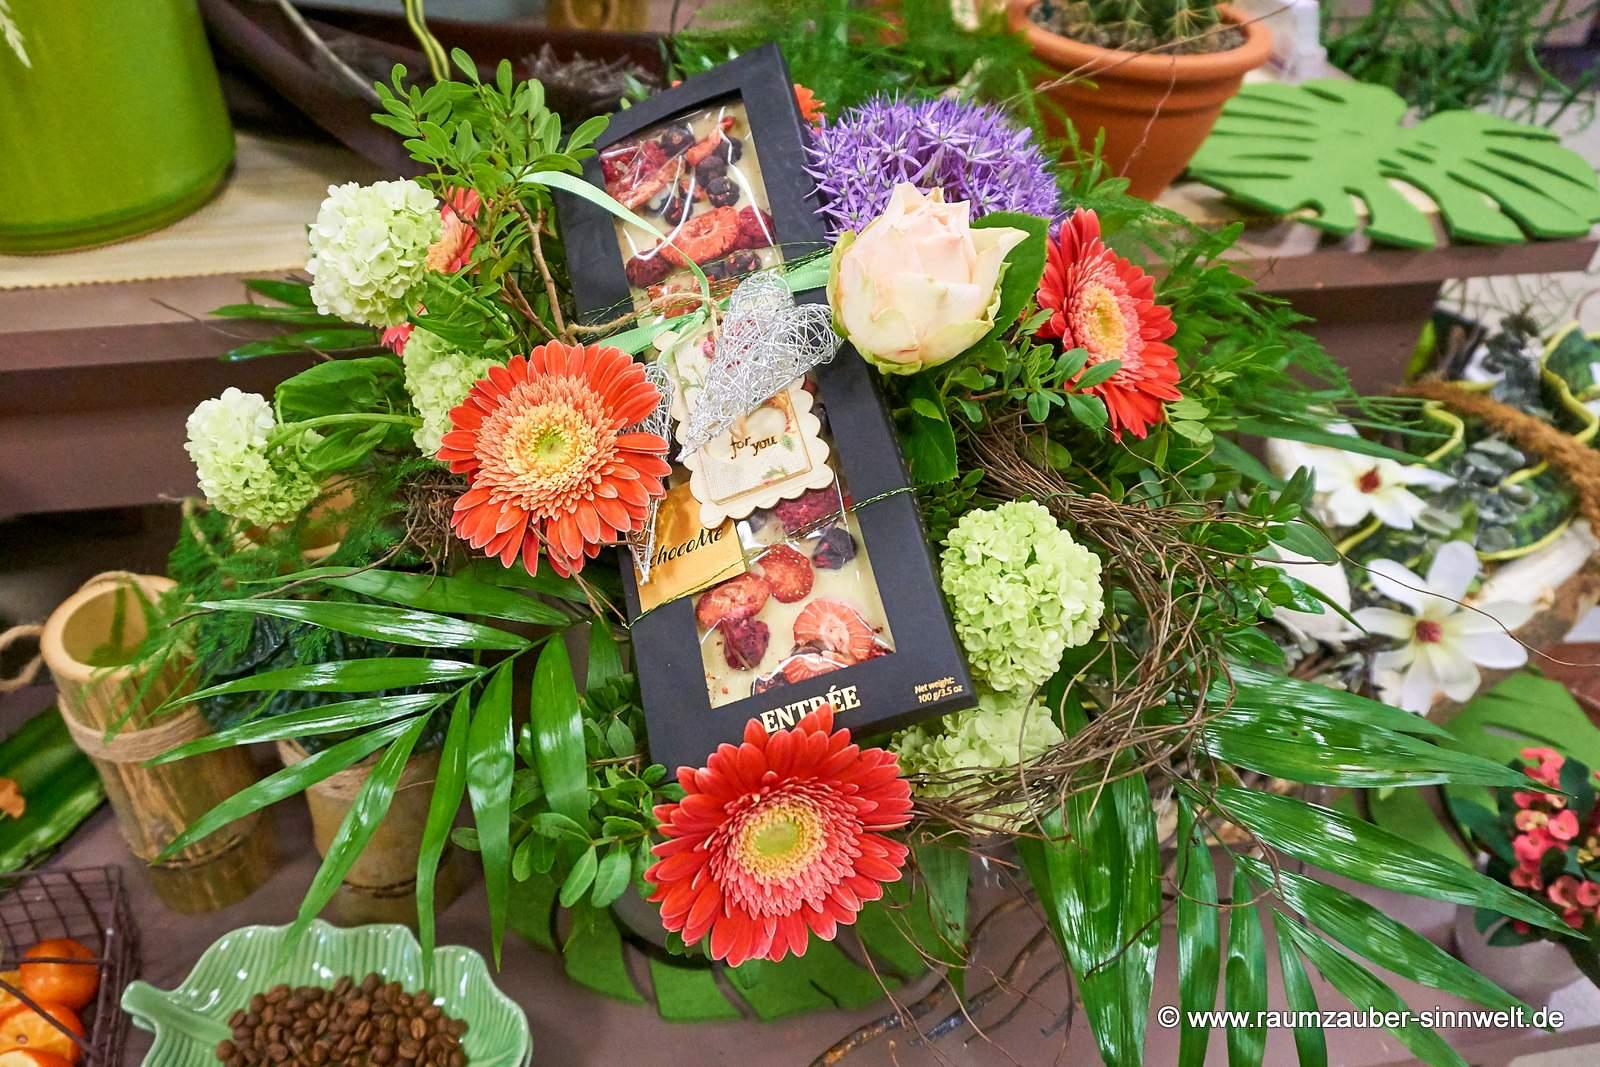 Blumenstrauß mit Schokolade von chocoMe